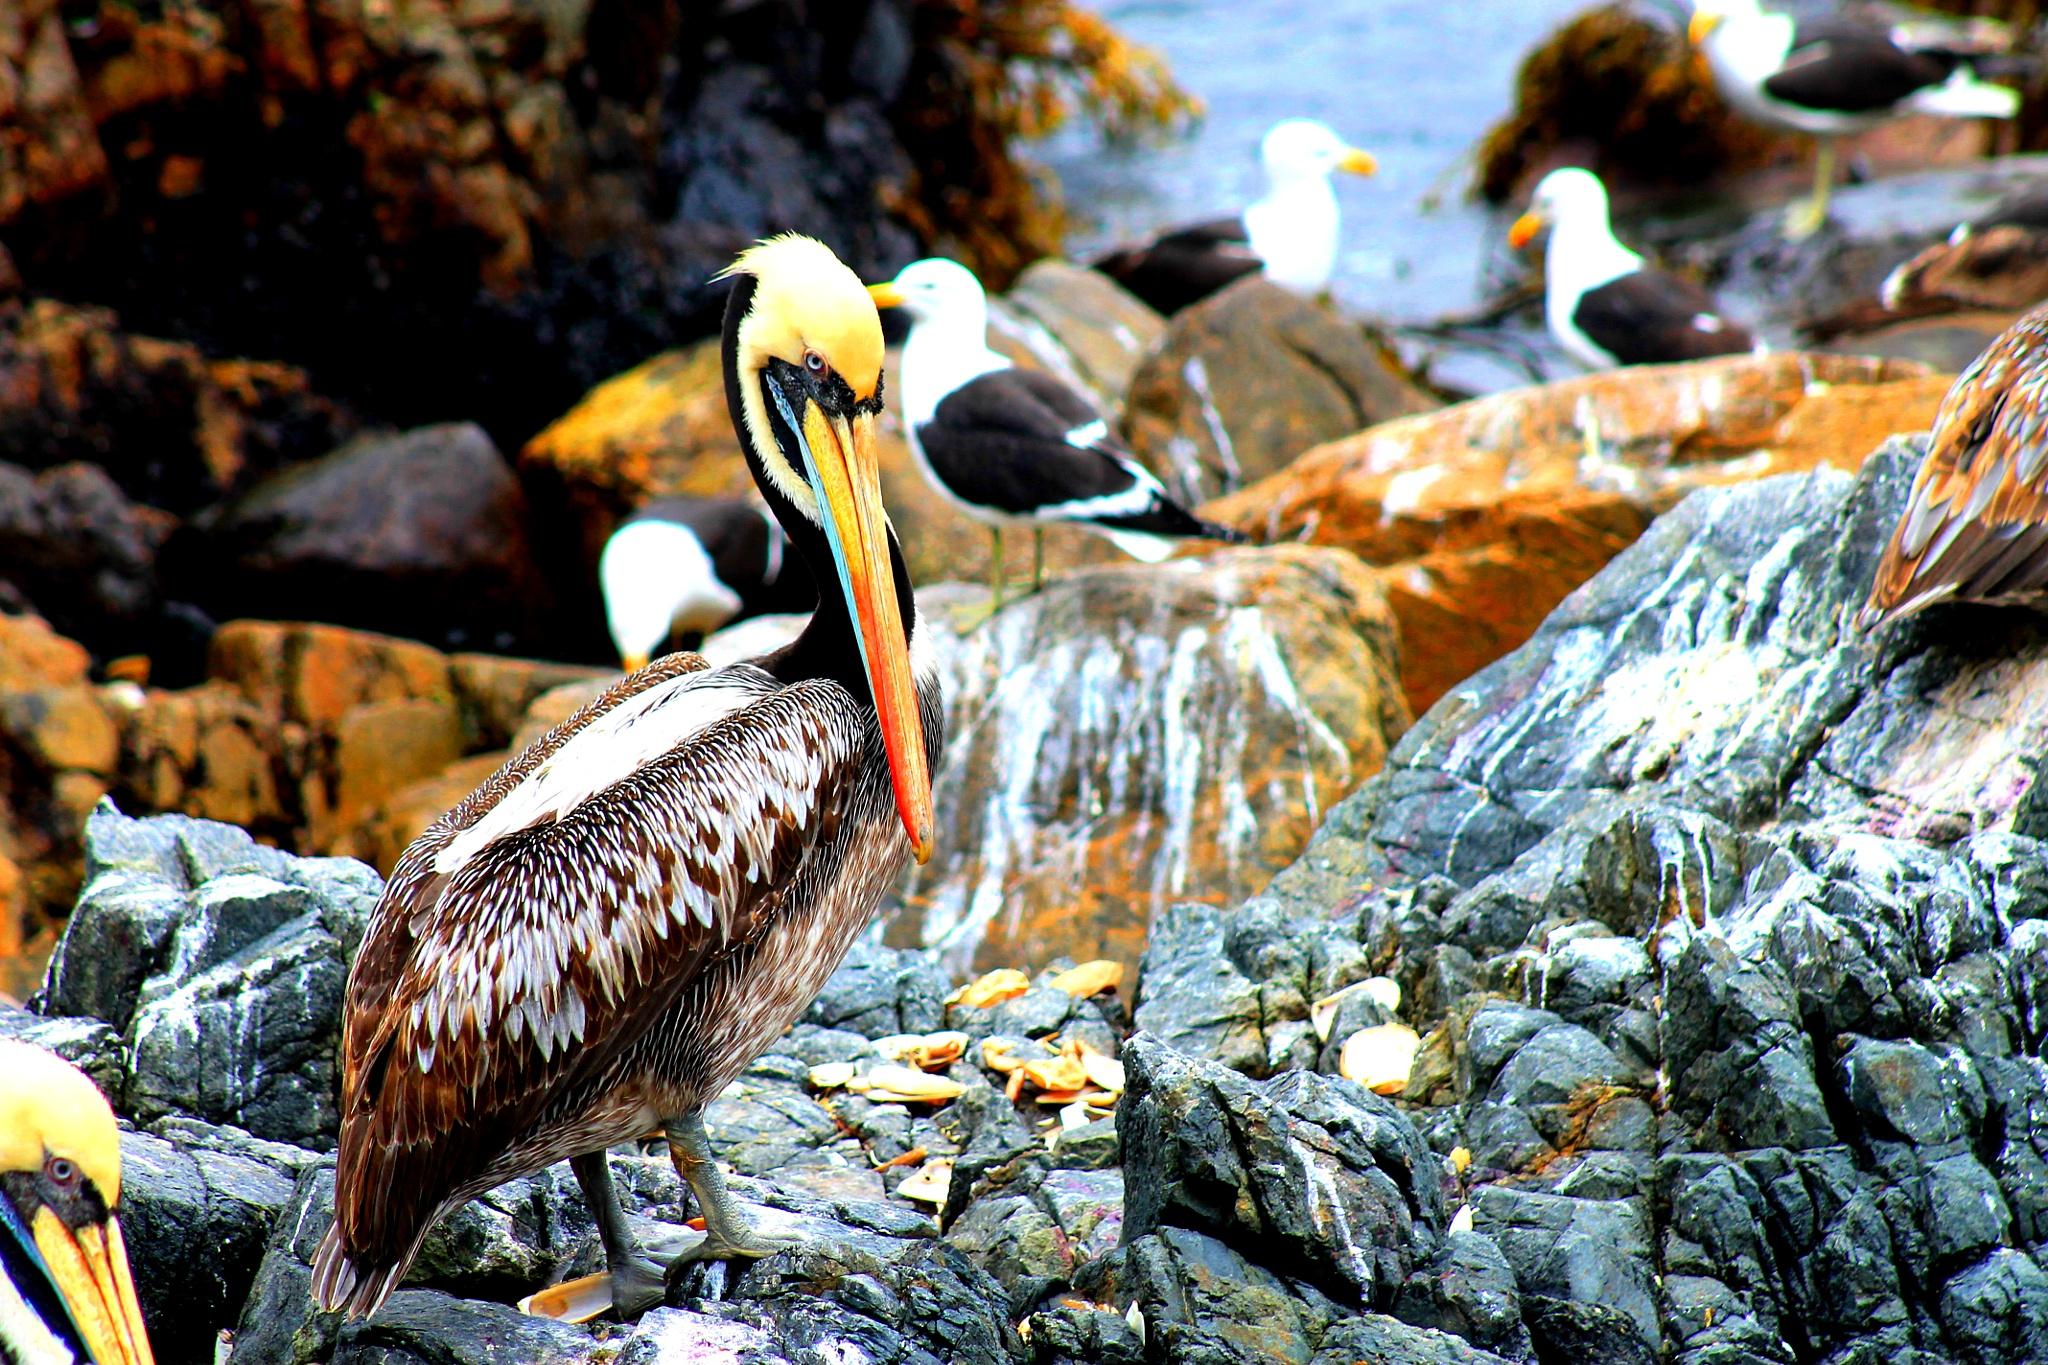 Pelicano by gabriela goñi